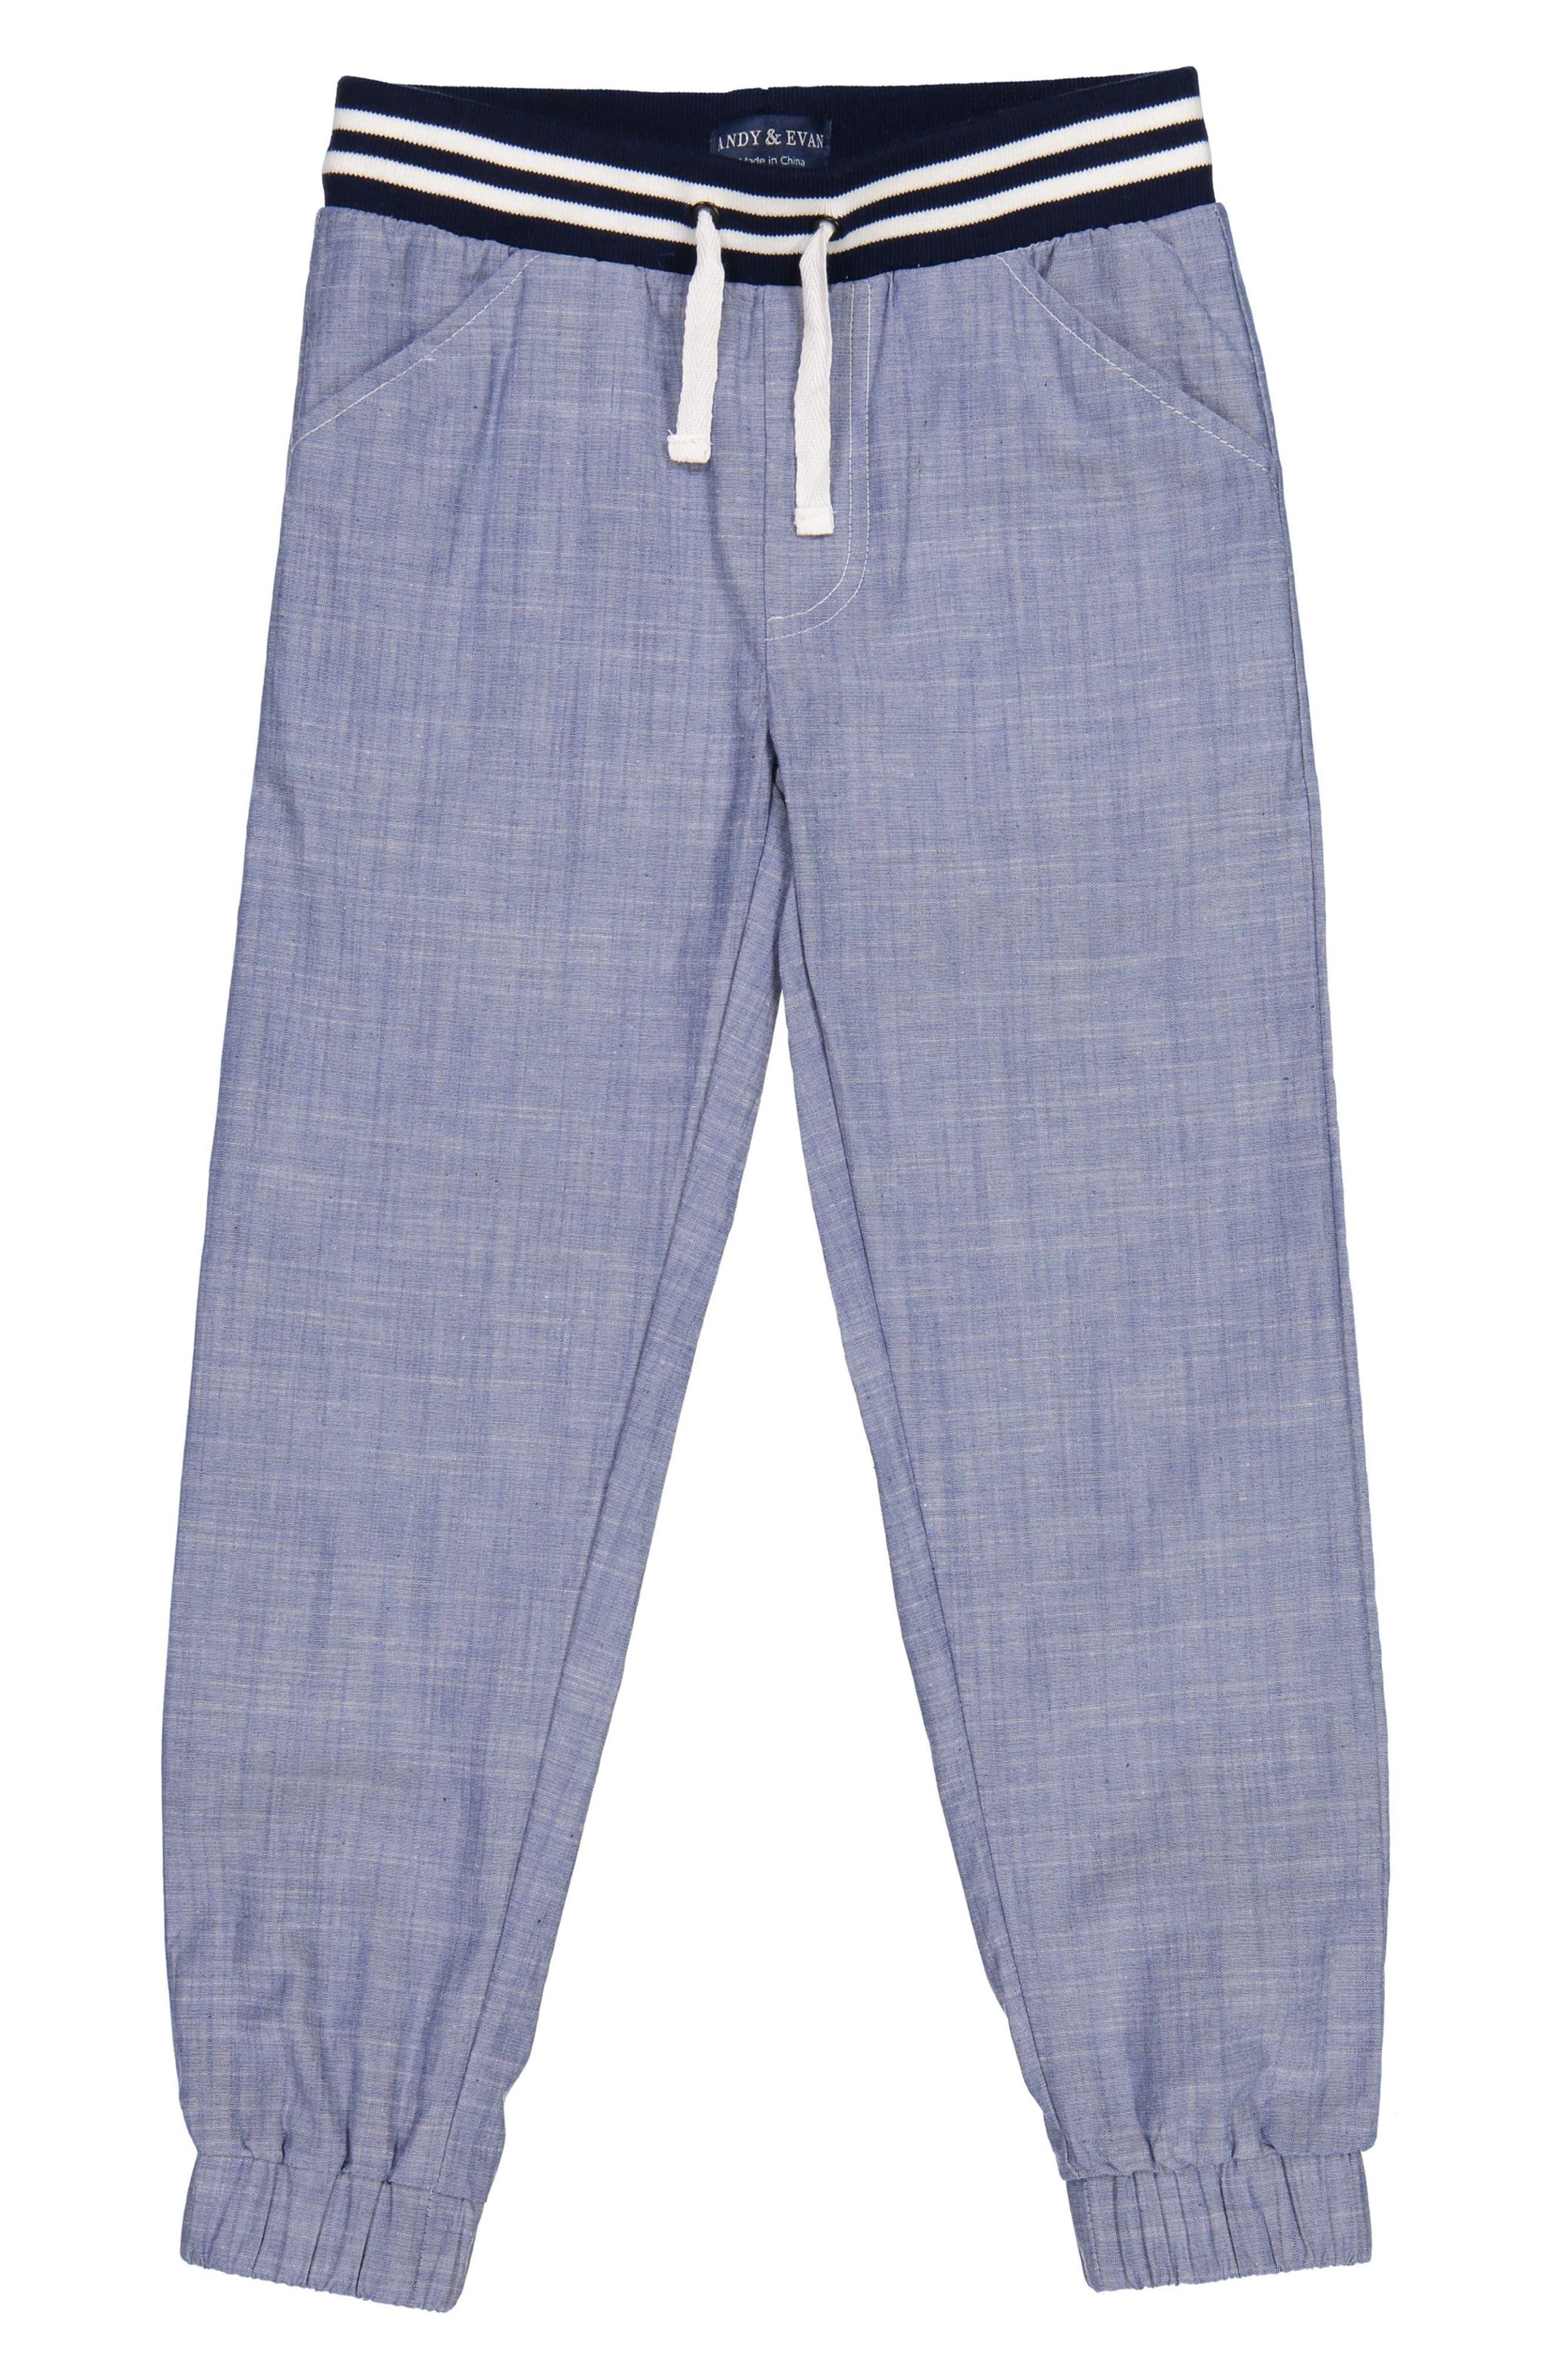 Chambray Jogger Pants,                         Main,                         color, Blue